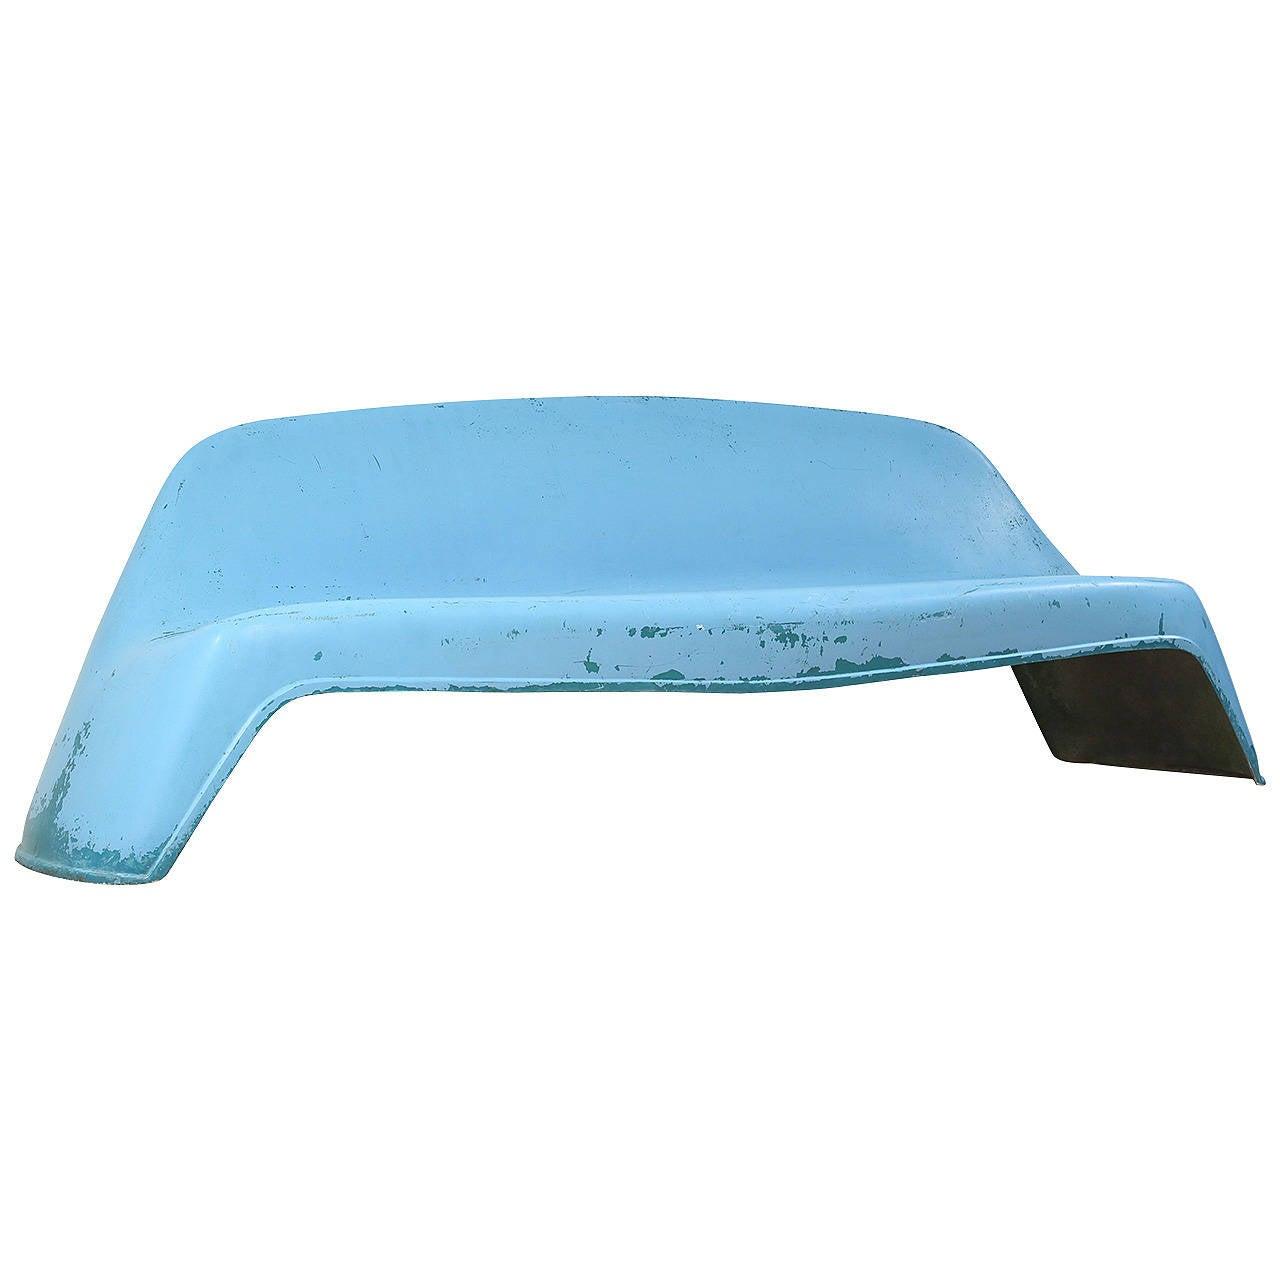 Fiberglass Garden Bench : Walter papst fiberglass outdoor park or garden bench at